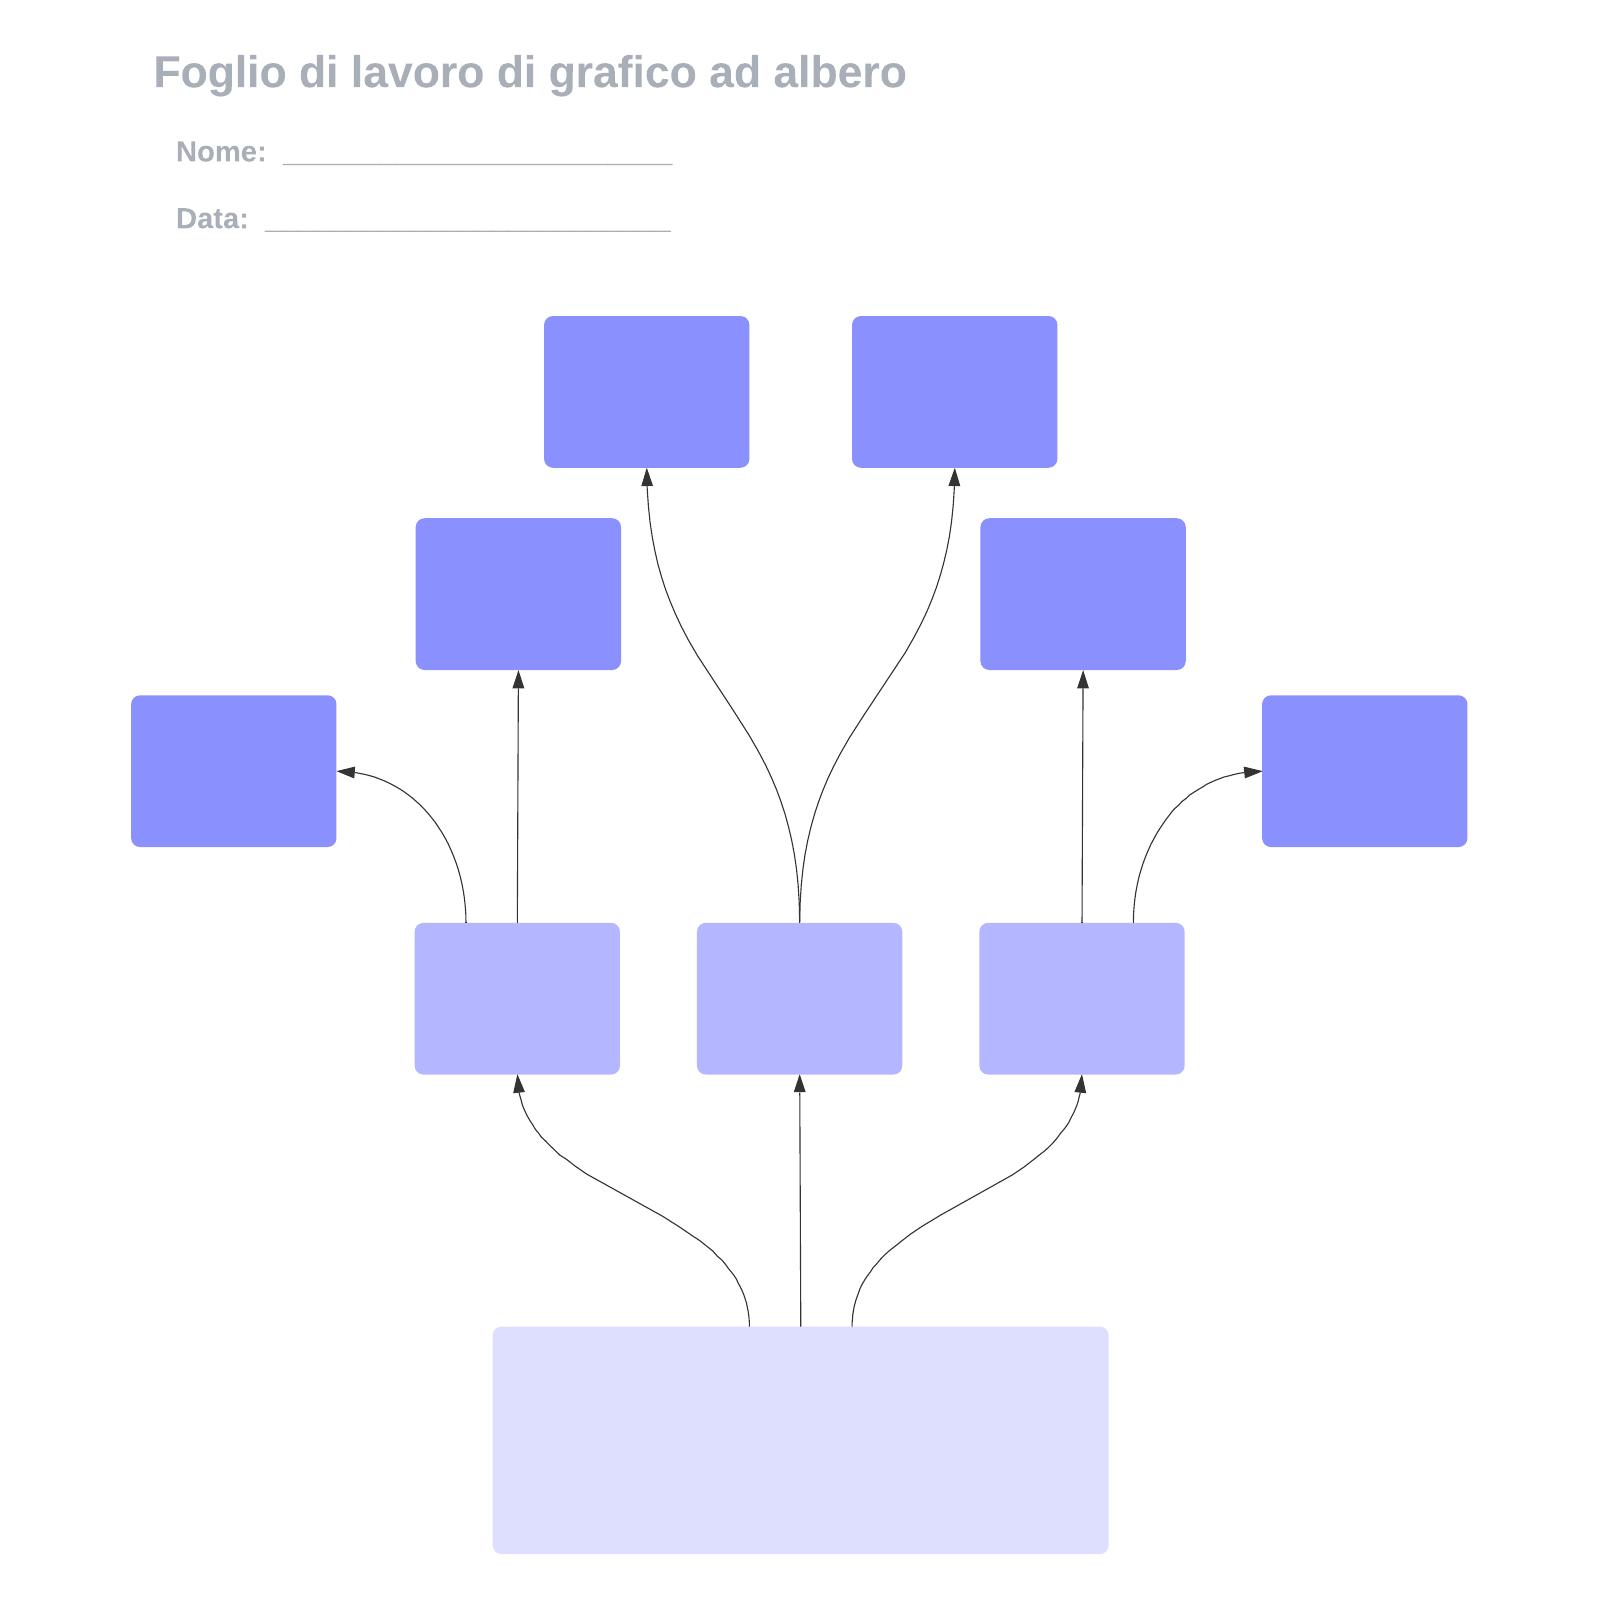 Foglio di lavoro di grafico ad albero